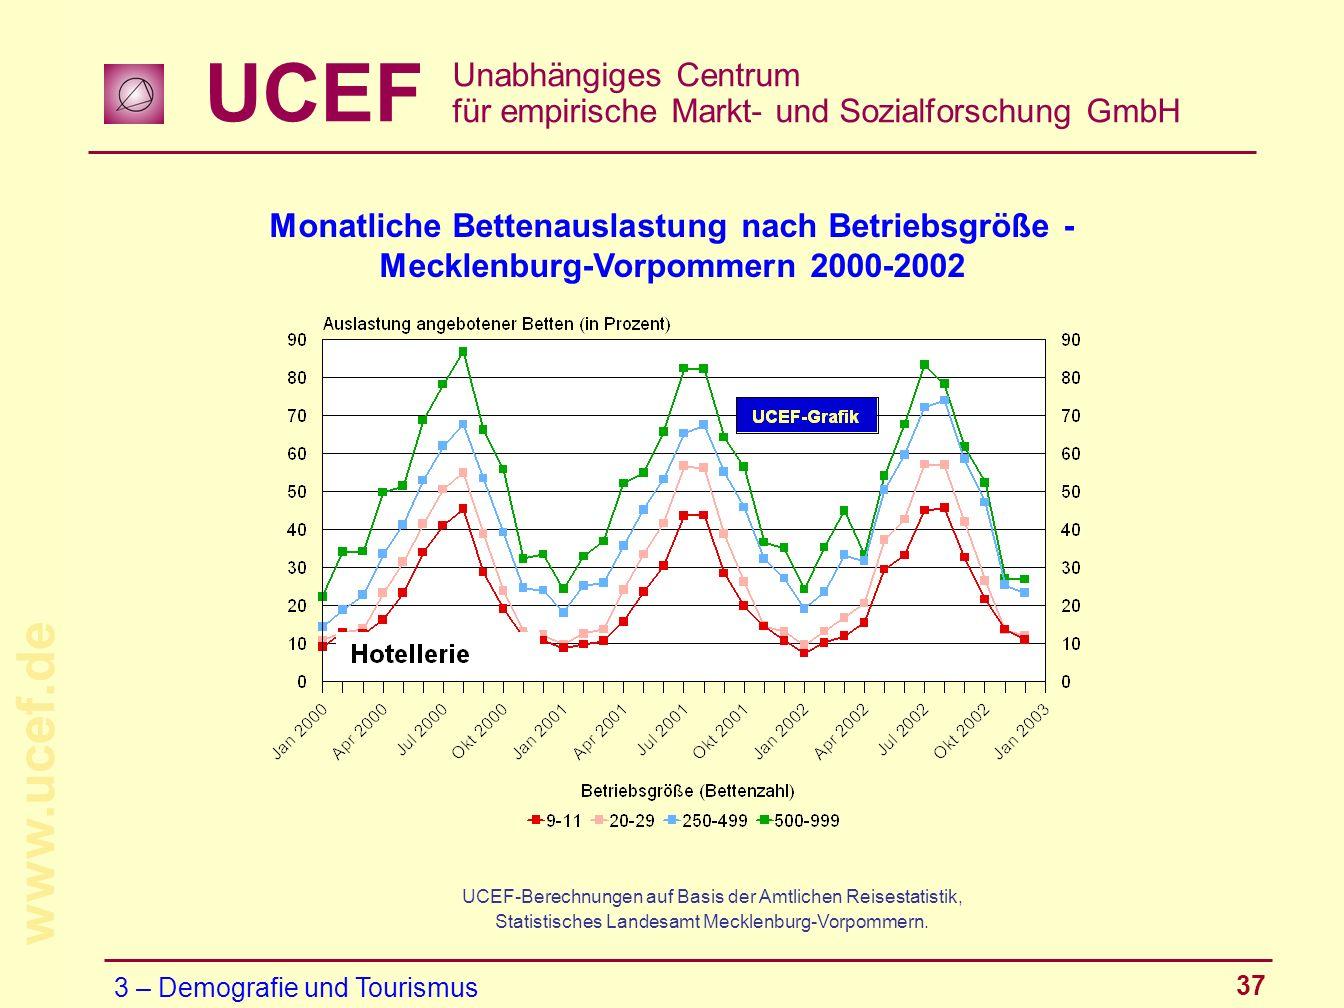 UCEF Unabhängiges Centrum für empirische Markt- und Sozialforschung GmbH www.ucef.de 37 Monatliche Bettenauslastung nach Betriebsgröße - Mecklenburg-V